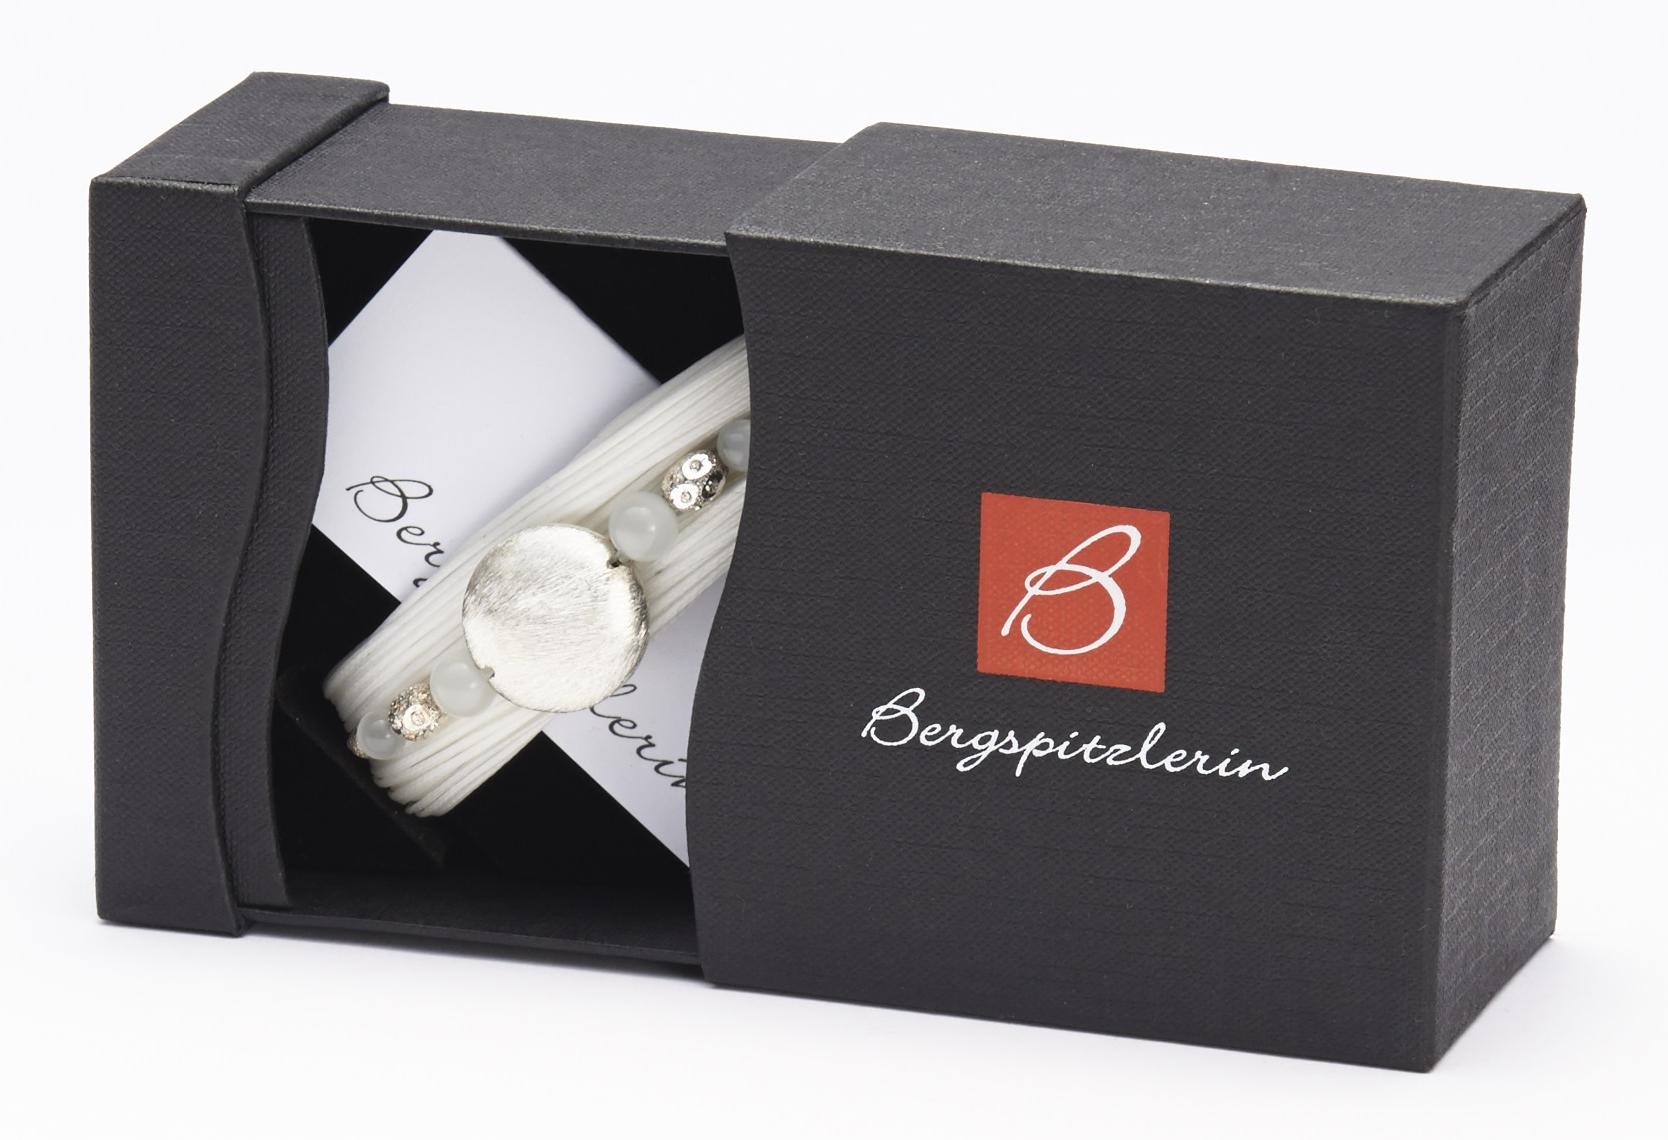 Armband Weißseespitze - Bergspitzlerin - Geschenke Onlineshop